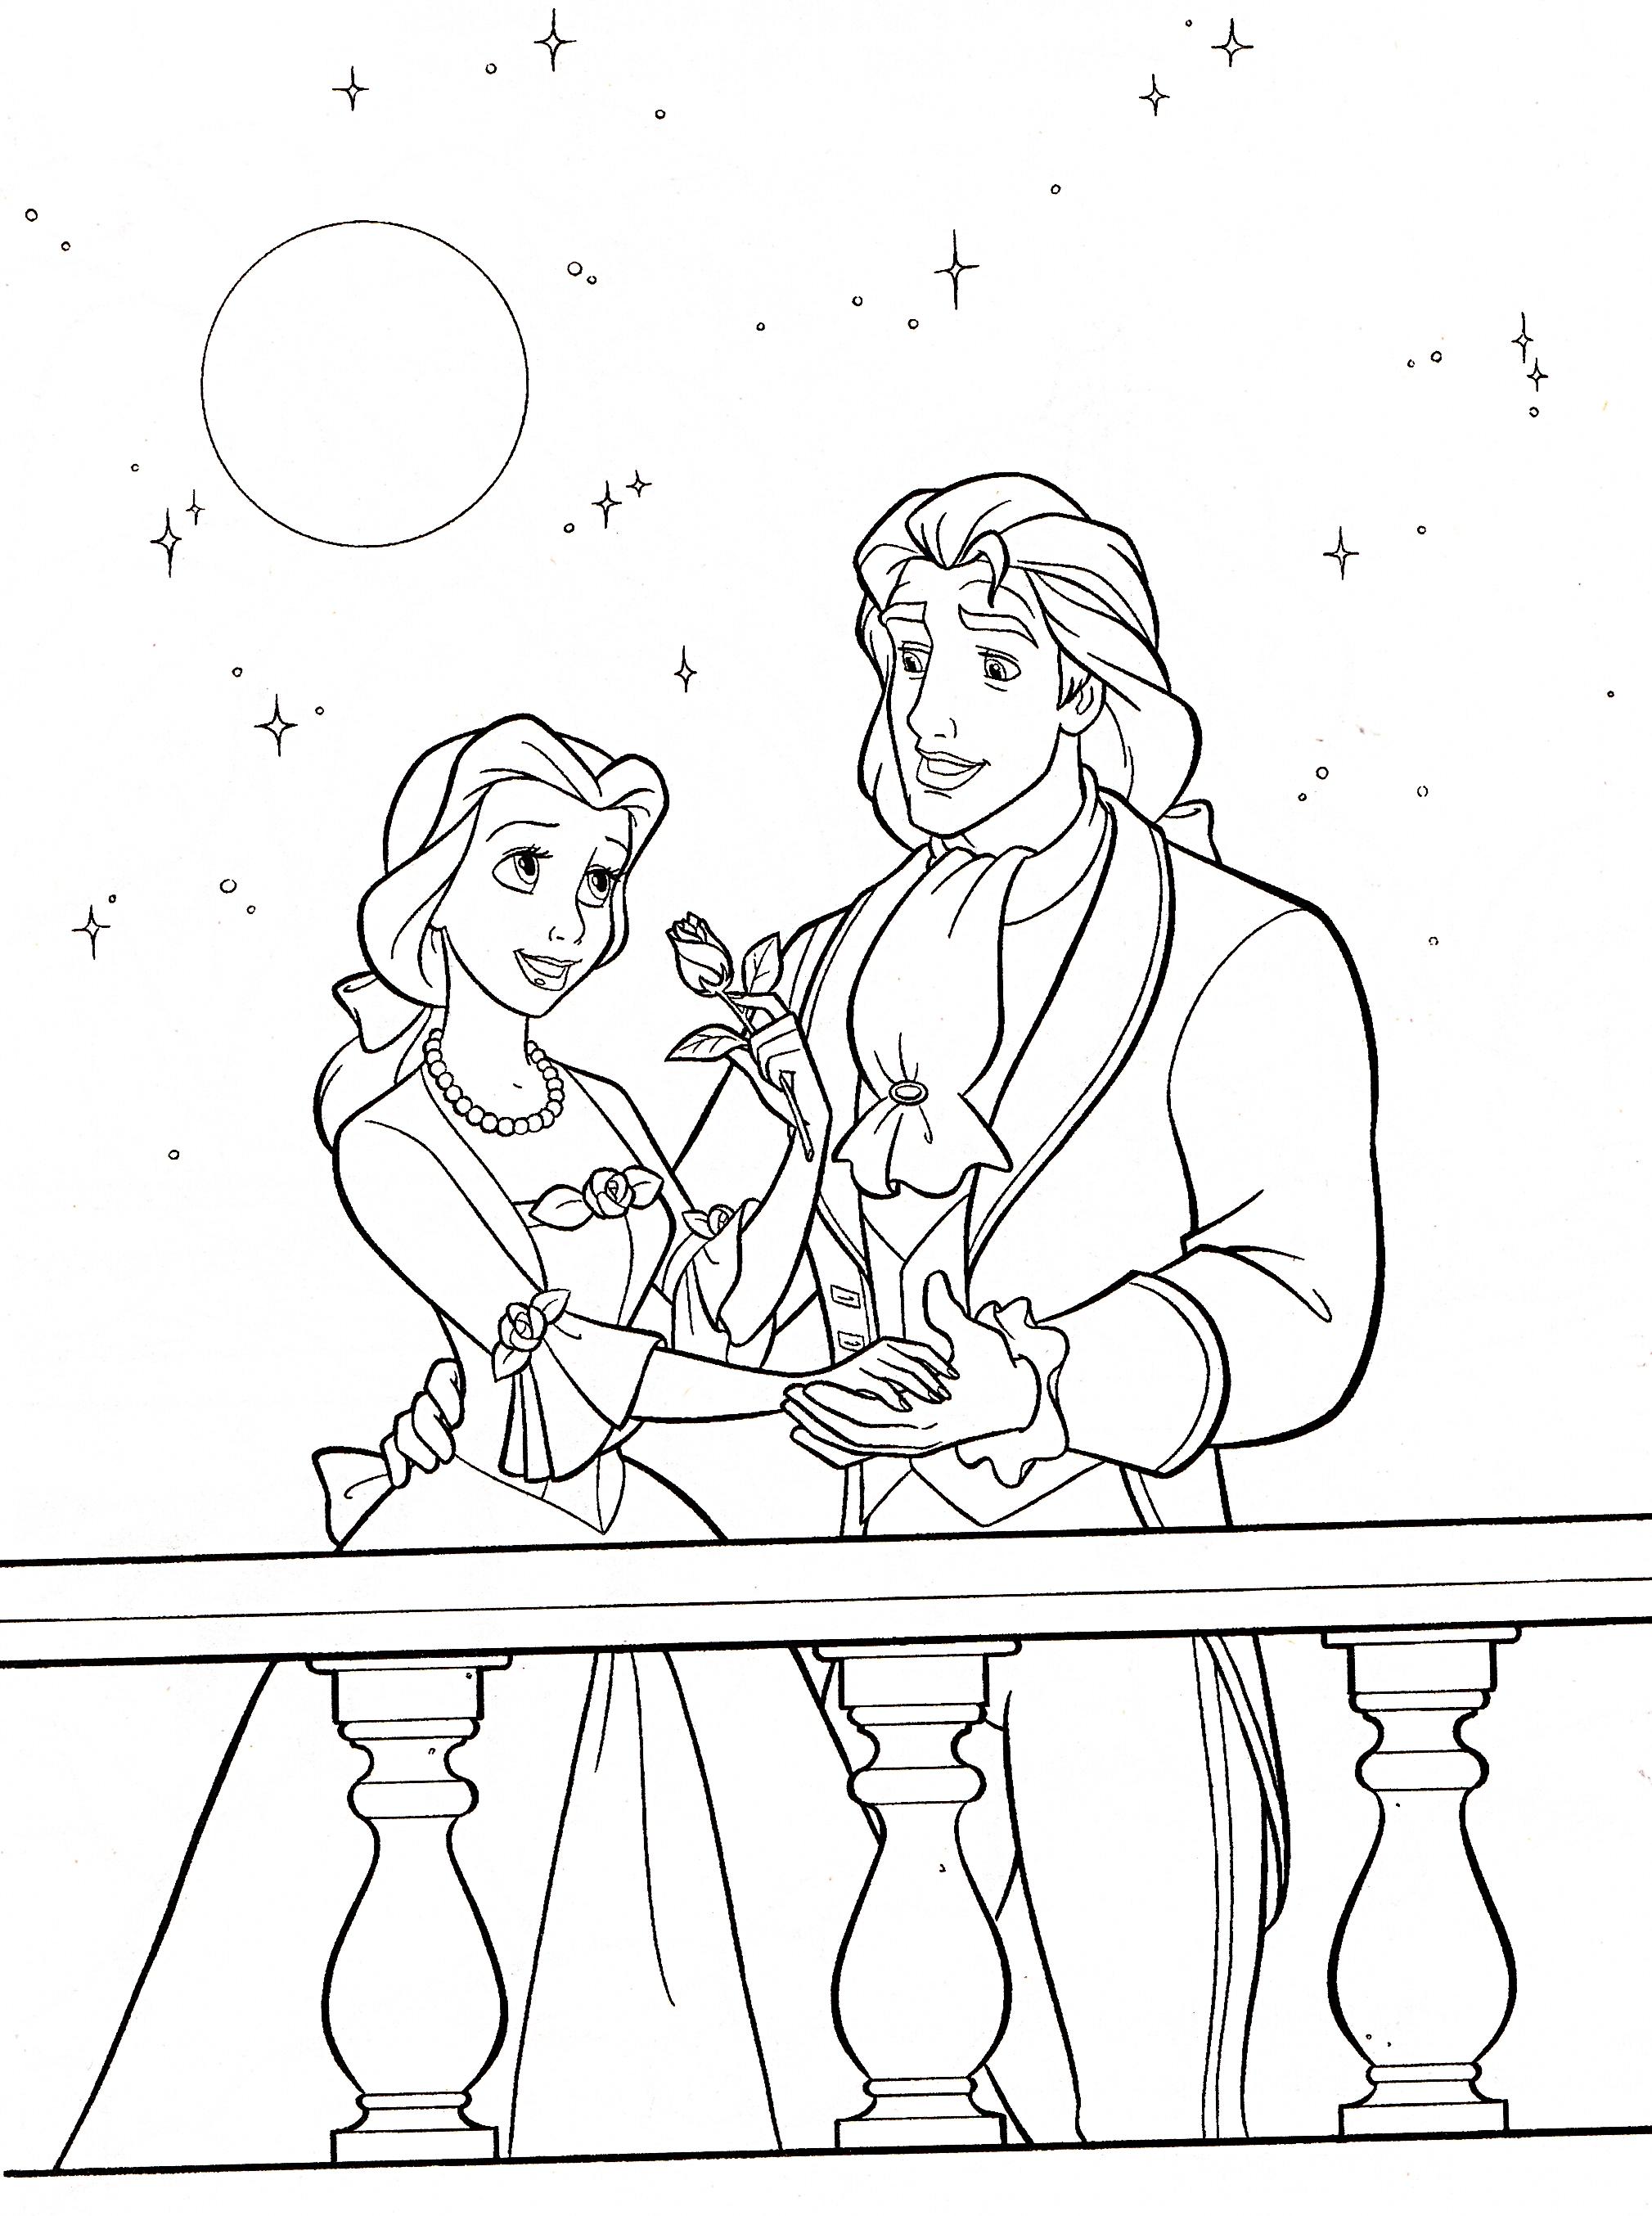 Disney princess coloring pages belle - Princess Belle Coloring Pages Games Characters Images Walt Printable Disney Princess Belle Coloring